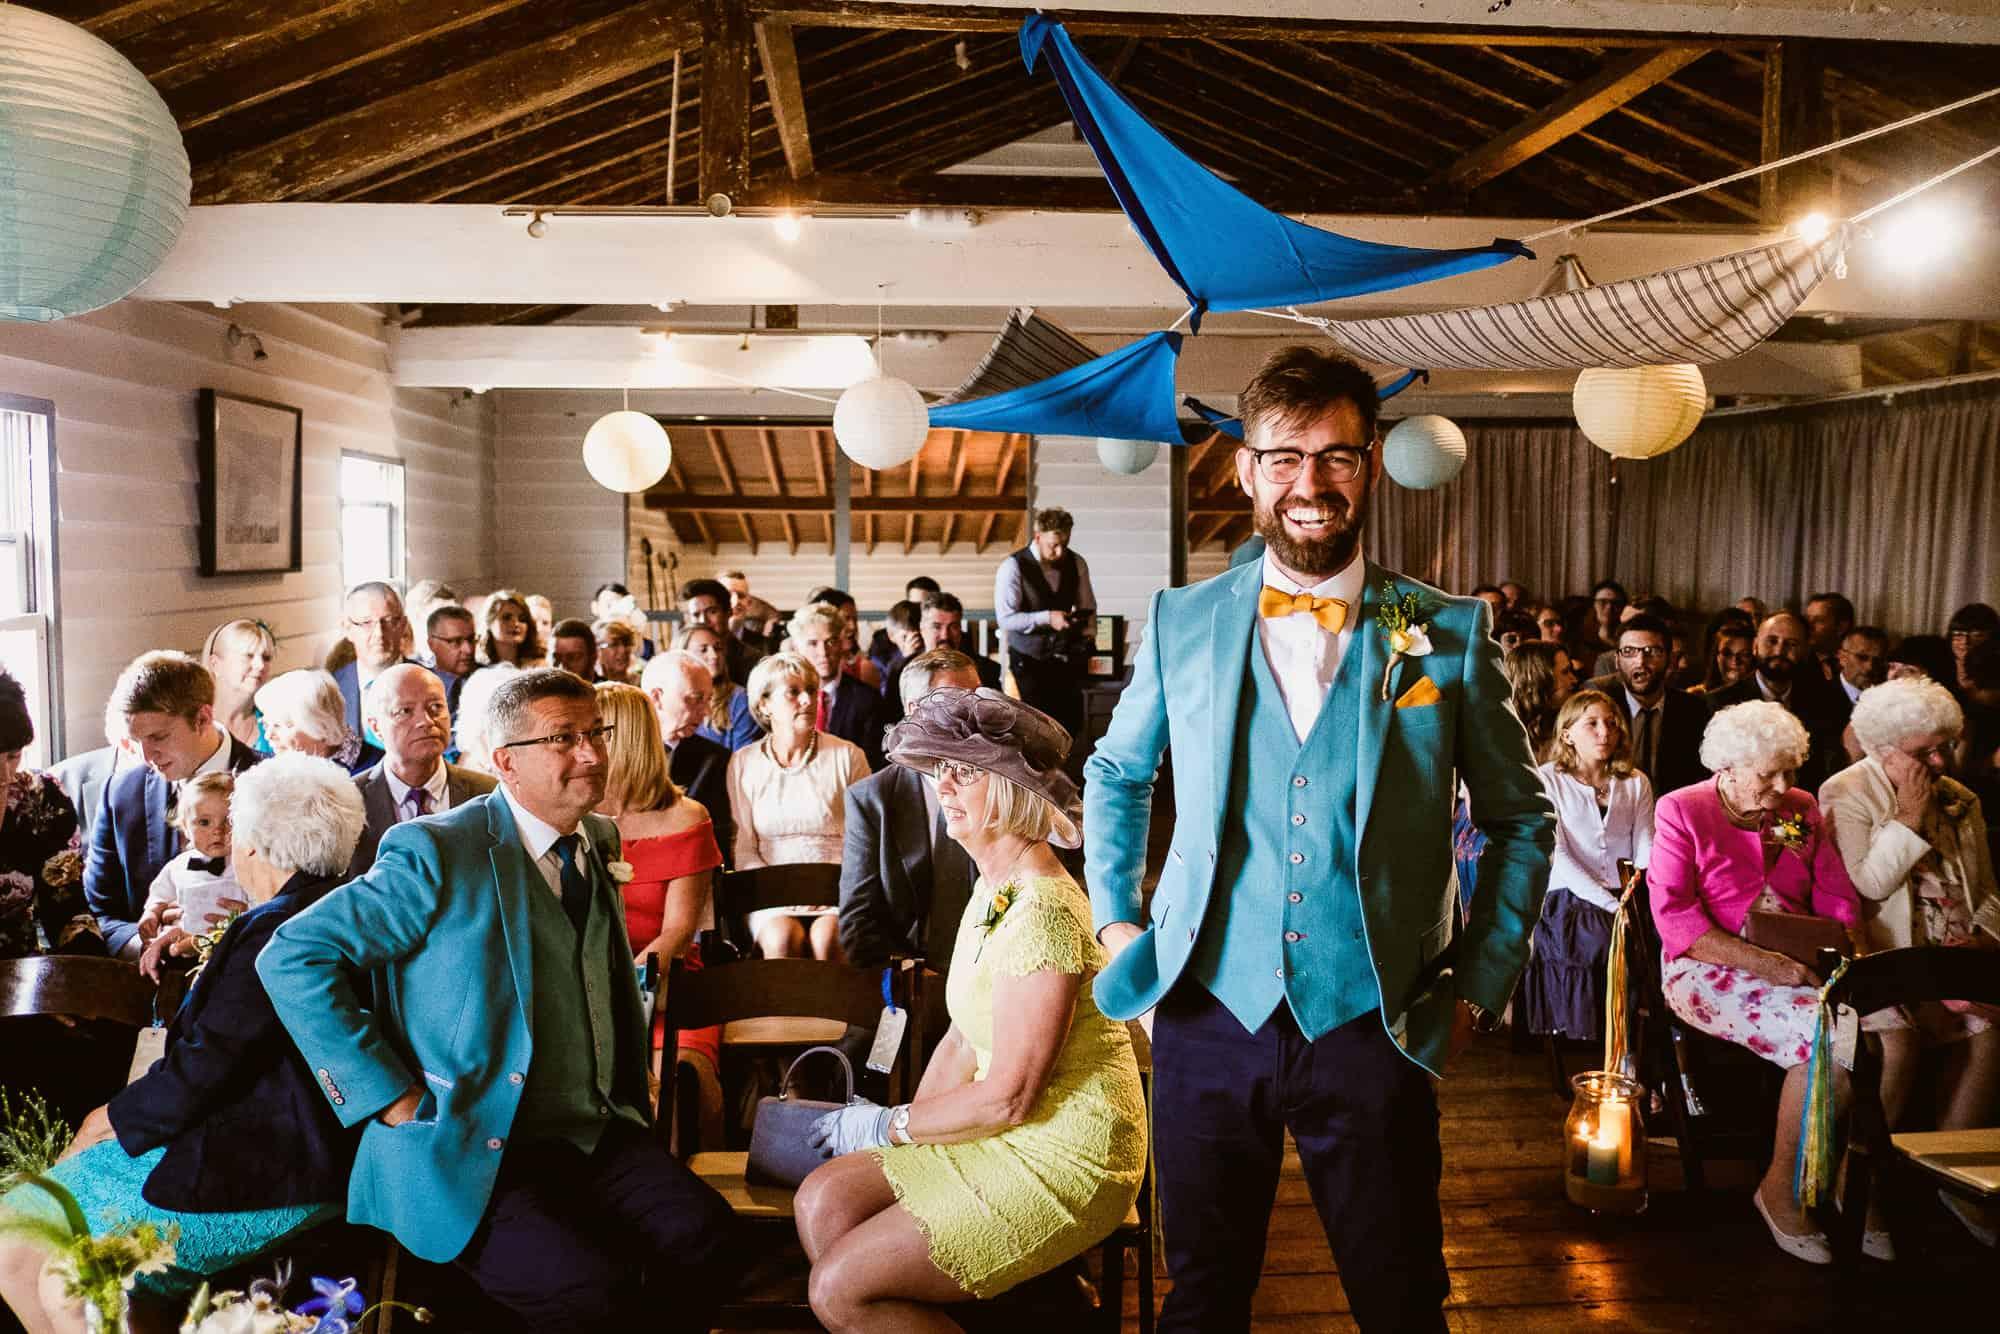 east-quay-wedding-photography-matt-tyler-0025